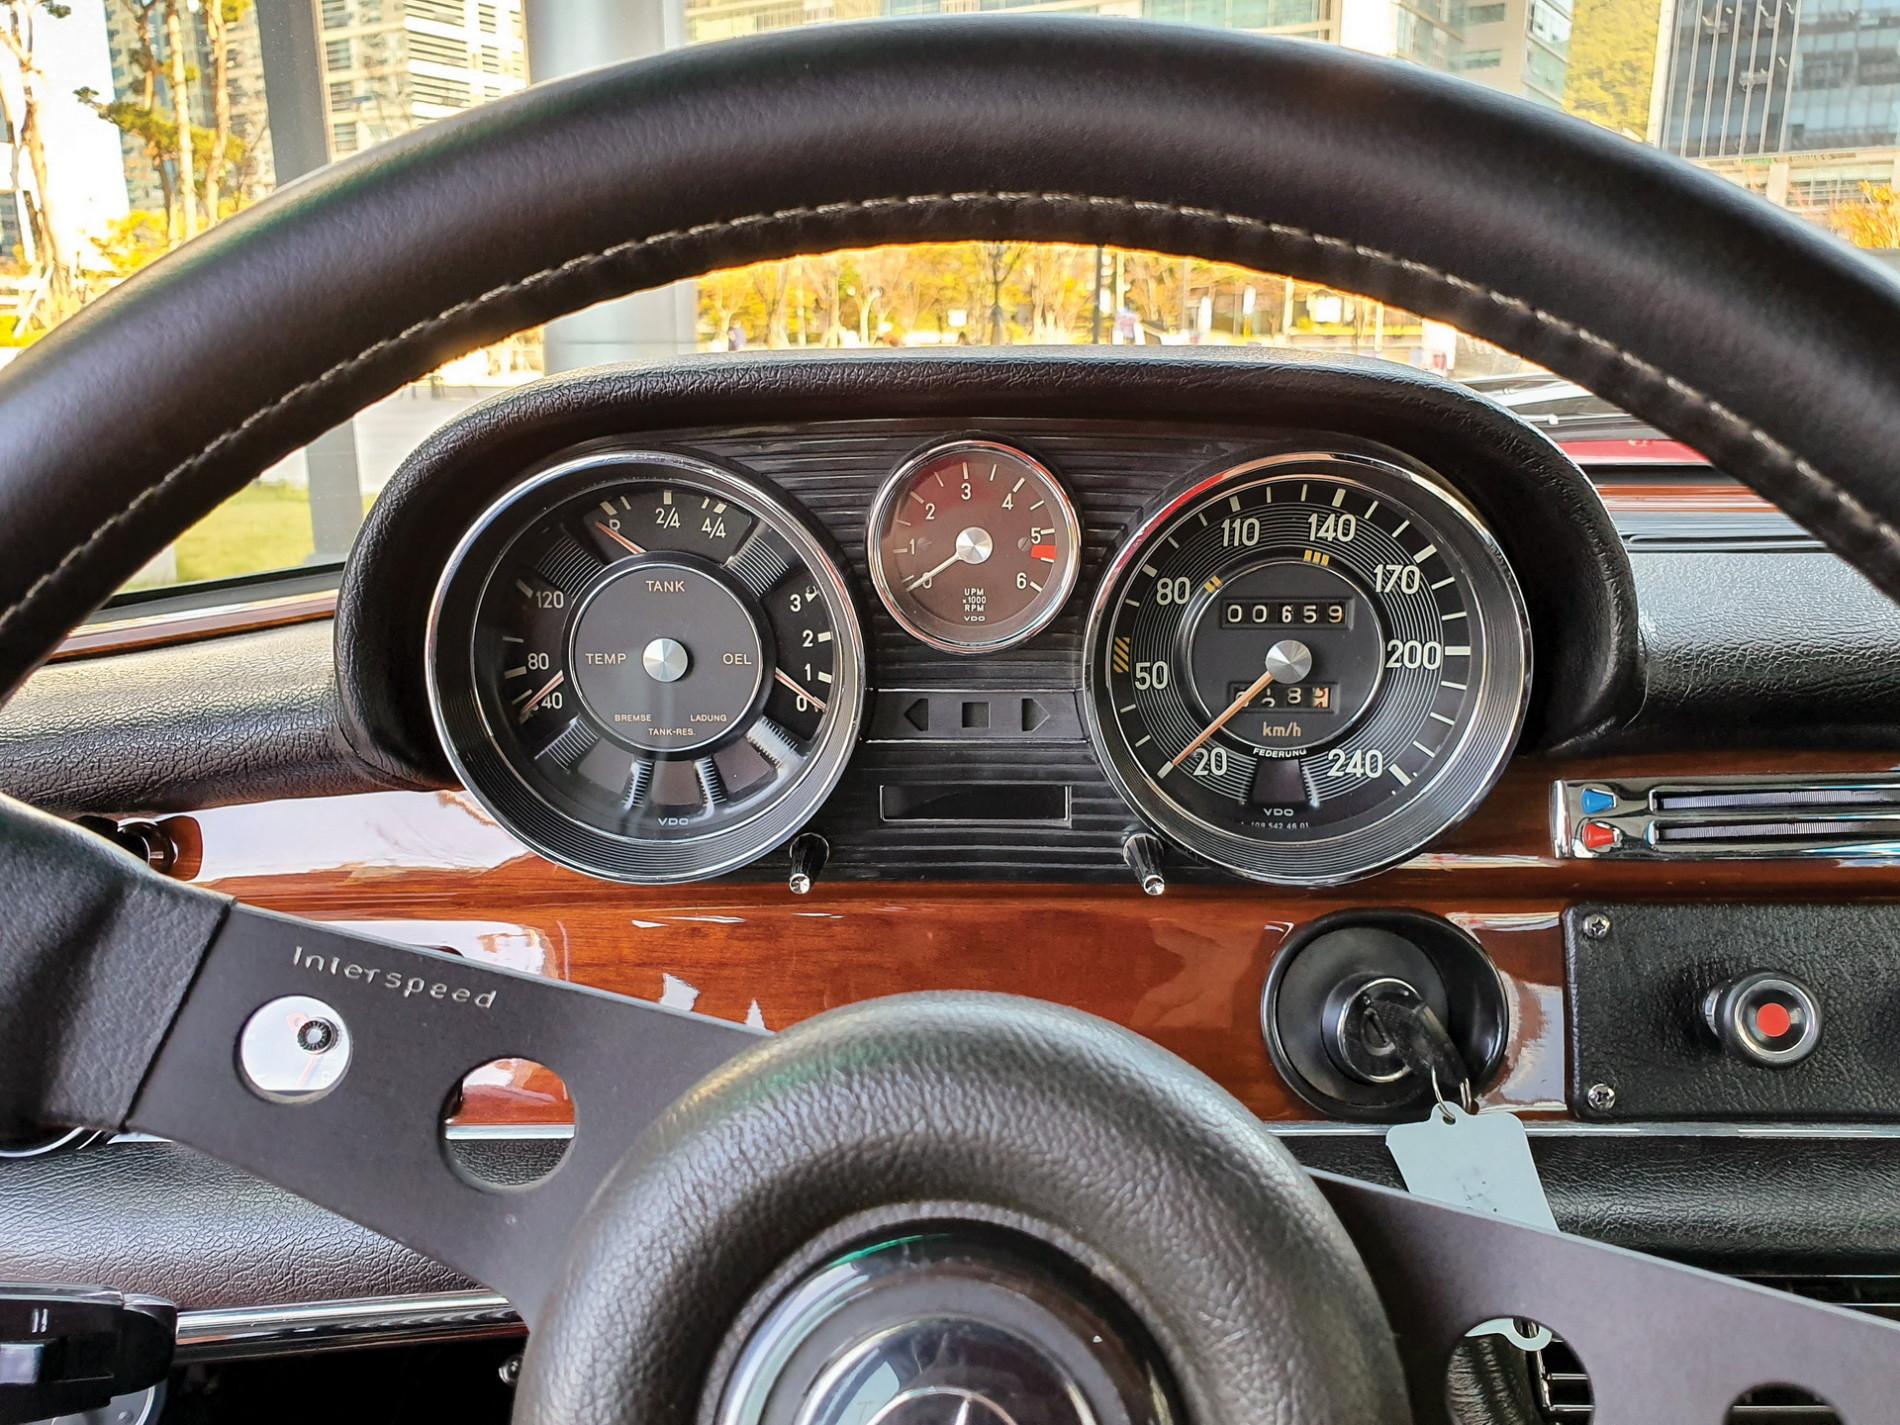 Mercedes-Benz 300 SEL replica Red Pig - Mercedes-Benz 300 SEL replica Red Pig